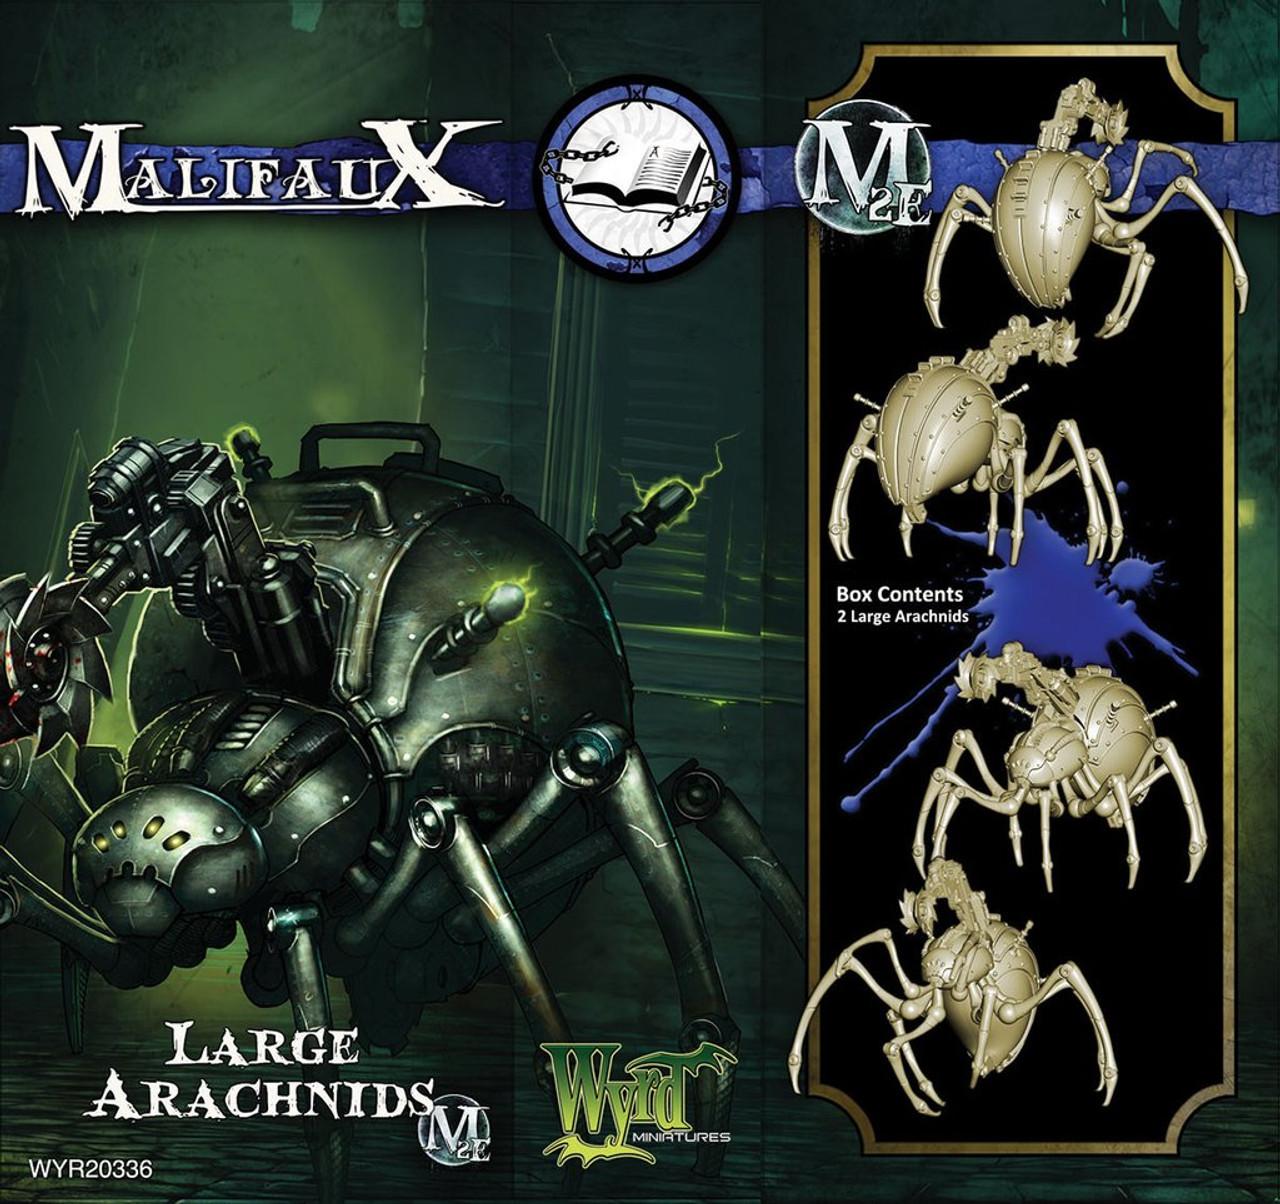 Malifaux Large Arachnid - Arcanists - M3E Upgraded